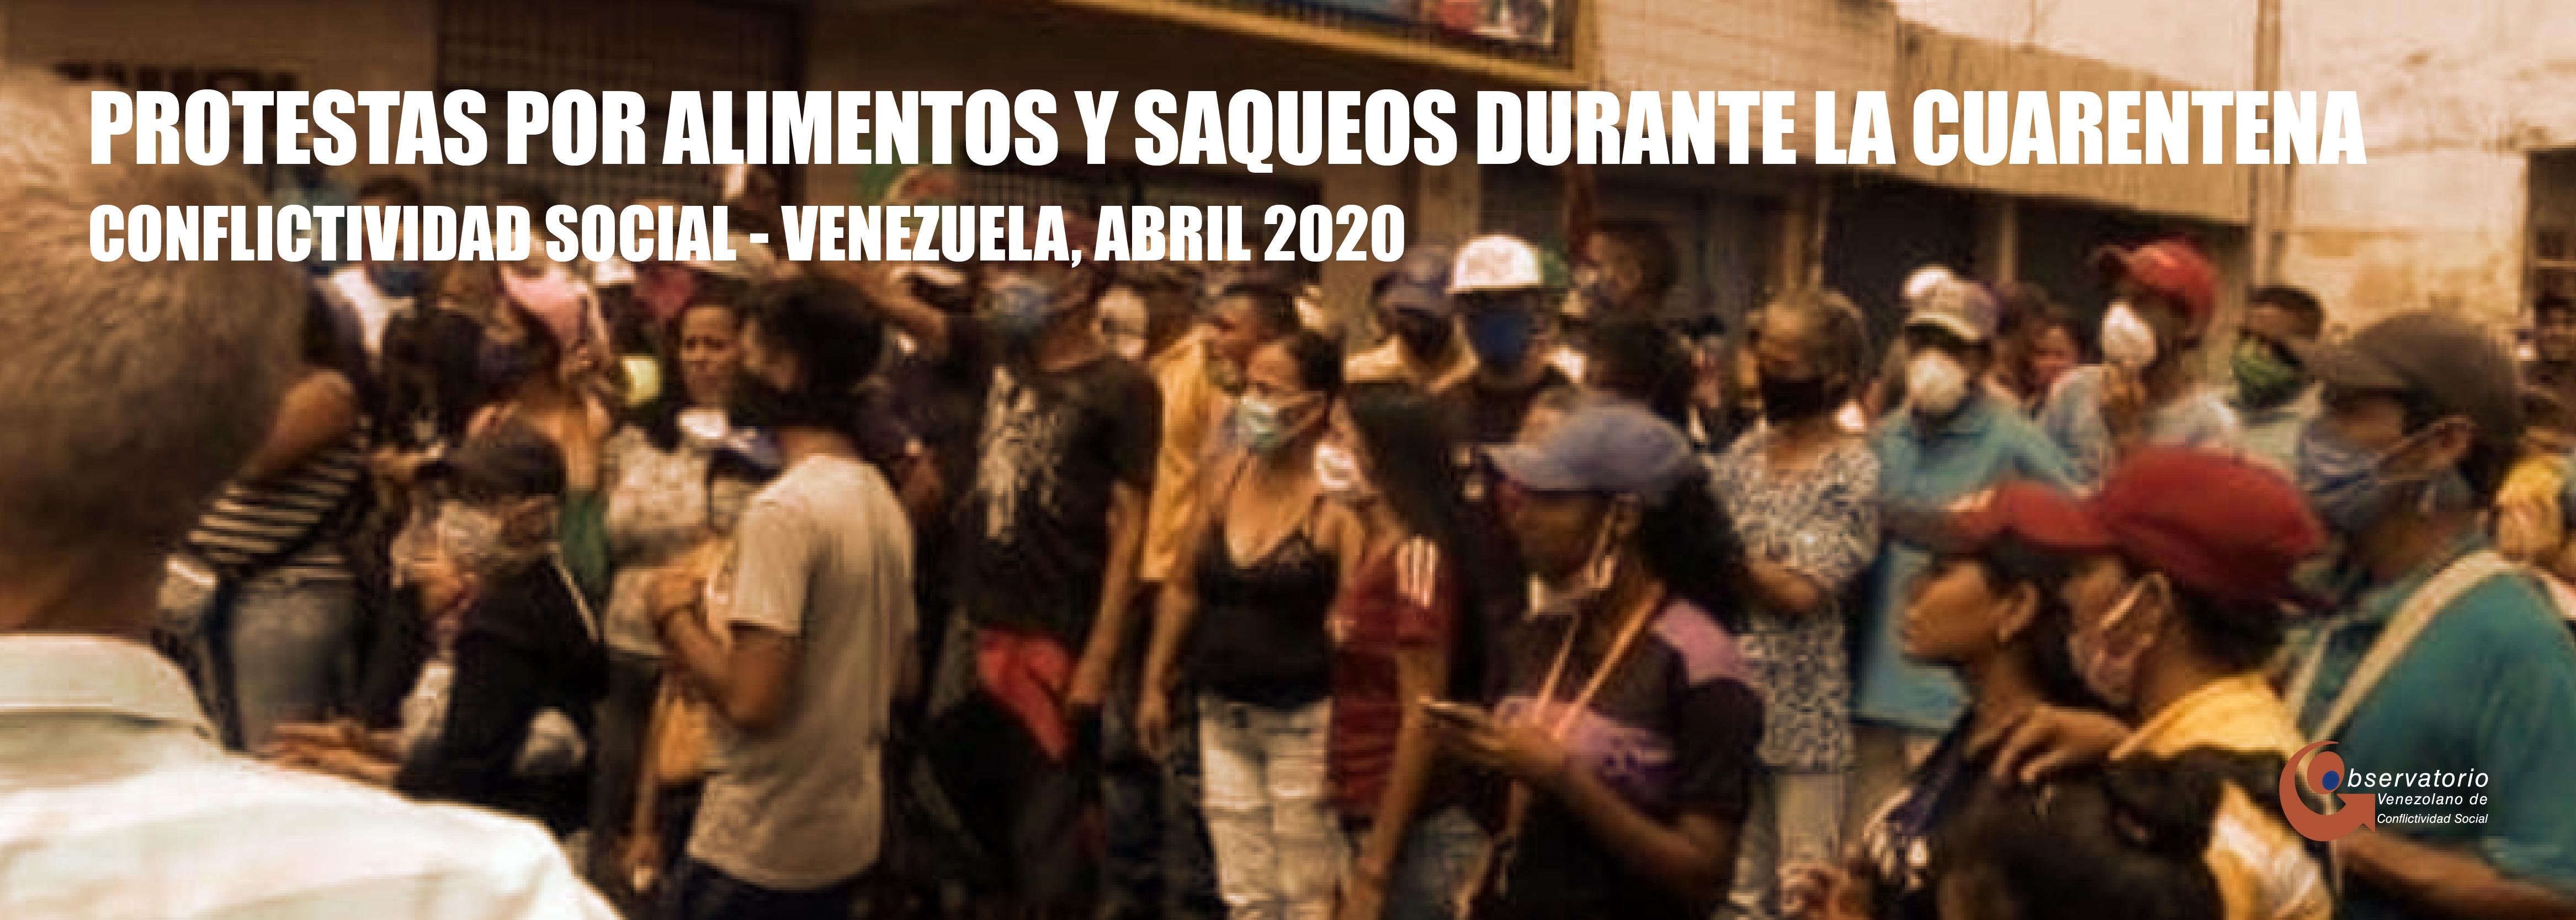 Informe de Conflictivididad Social en Venezuela durante abril